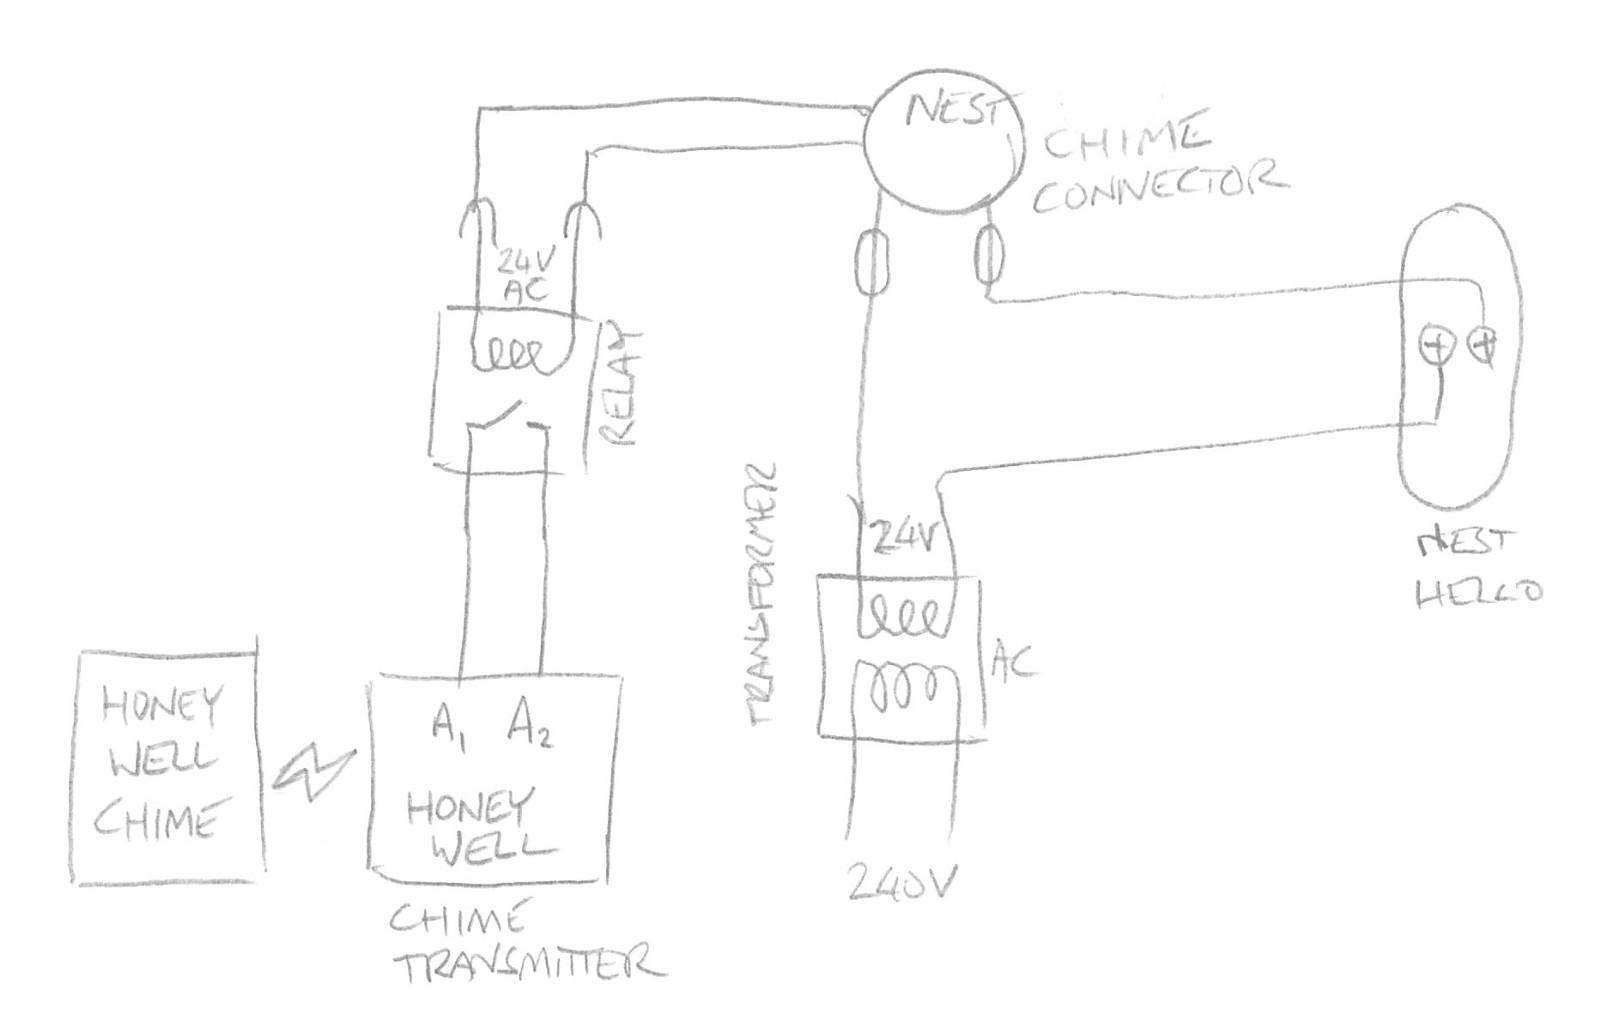 Nest Hello: Uk Installation – Elliot West – Medium - Nest Hello Wiring Diagram